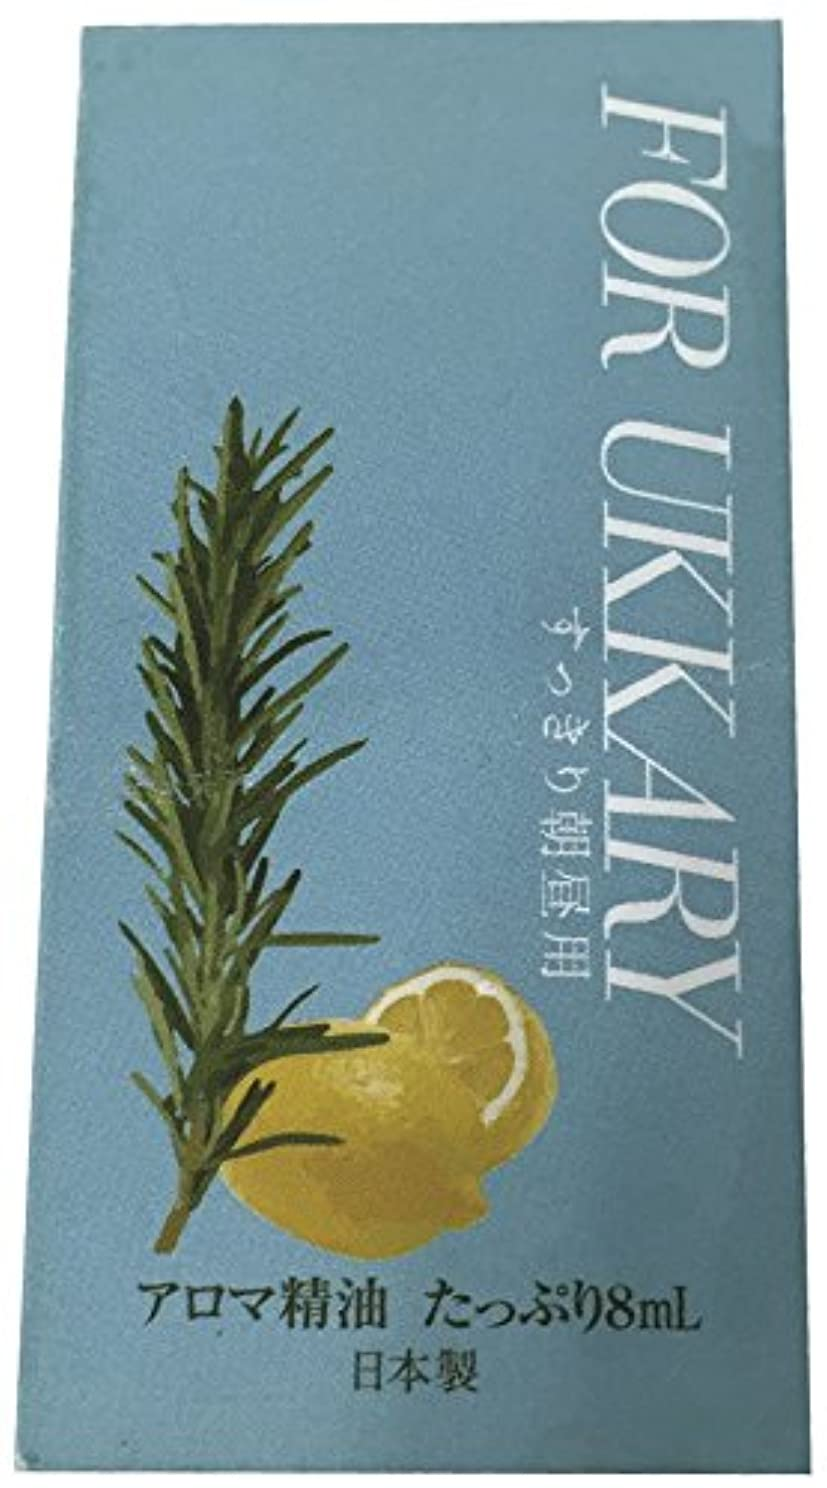 かけがえのない極小声を出してFOR UKKARY 朝昼用(ローズマリー&レモン) 8ml アロマ精油 エッセンシャルオイル 日本製